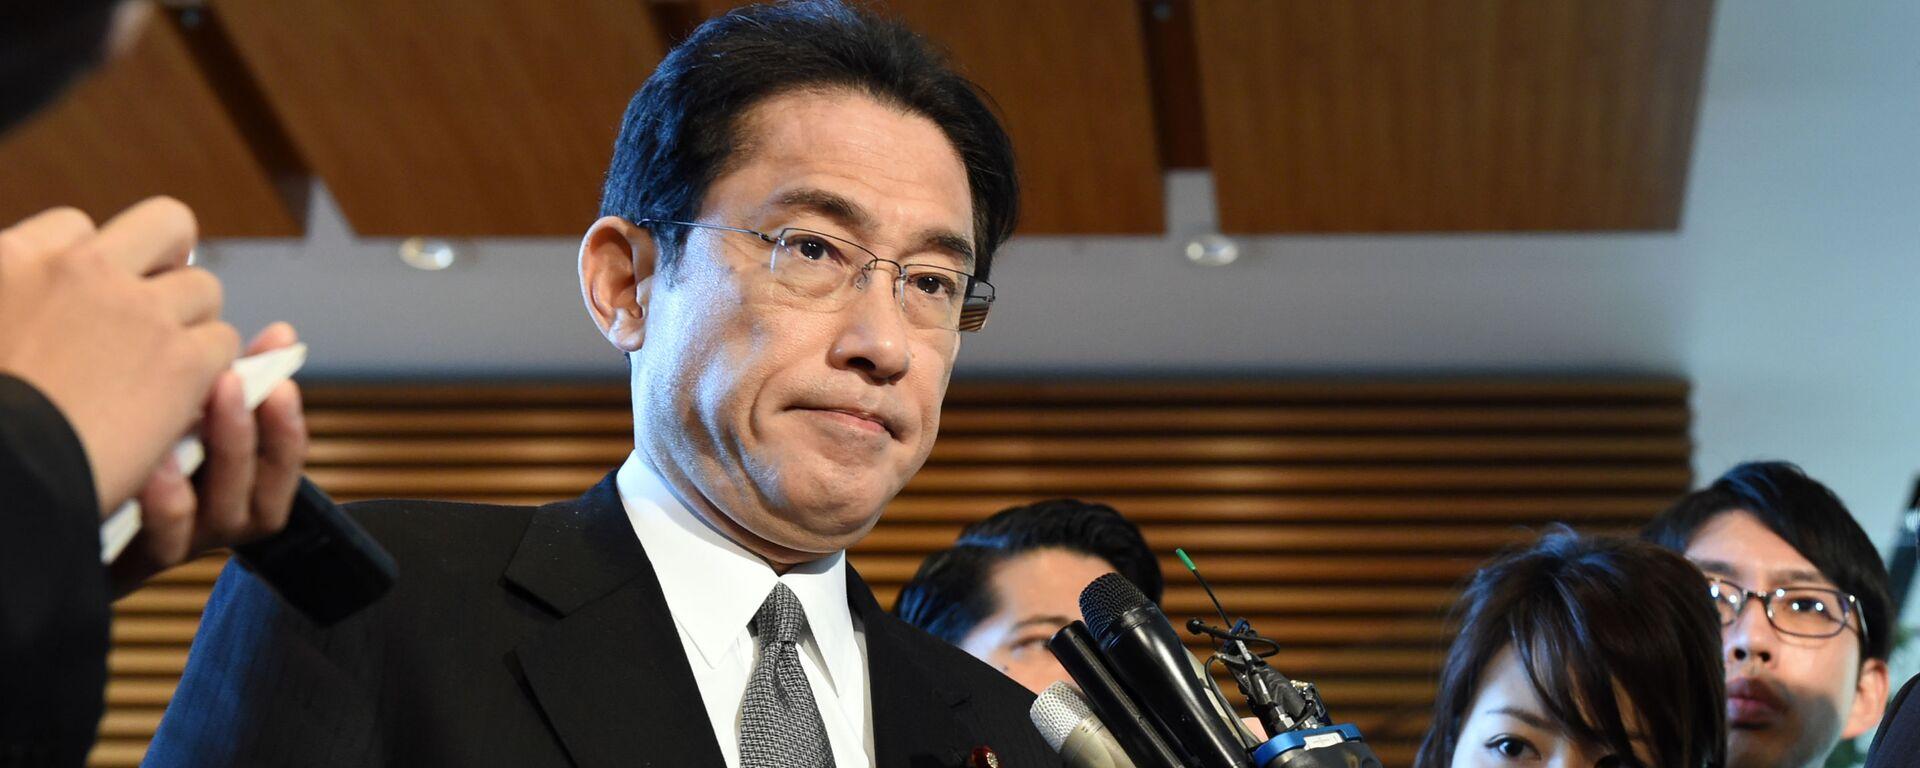 岸田新総裁は国民の期待に応えることができるのか? - Sputnik 日本, 1920, 01.10.2021